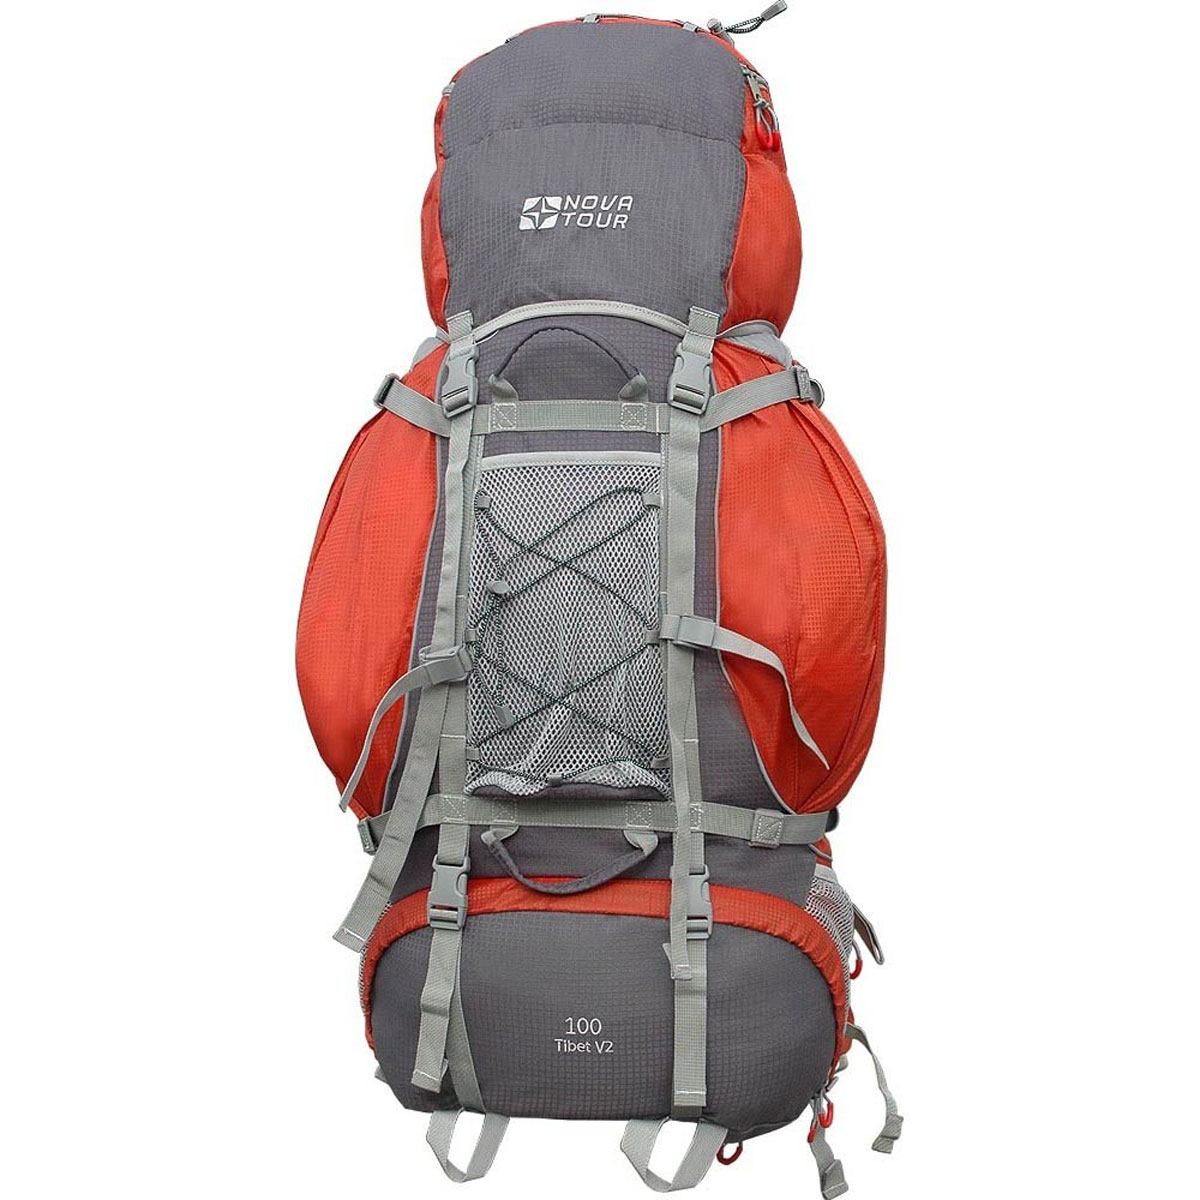 Рюкзак туристический Nova Tour Тибет 100 V2, цвет: серый, терракотовый. 11193-258-0011193-258-00Прочный рюкзак большого объема для классического туризма. Вы можете не ограничивать себя в количестве вещей, ведь этот рюкзак с двумя вместительными карманами на молнии, сетчатыми карманами для фляги и мелочей по обеим бокам рюкзака, а также объемным клапаном. Ваша спина не устанет во время длительных переходов с удобной подвесной системой, разработанной специально для переноски тяжелых грузов. Удобство при погрузке рюкзака в транспорт обеспечивают три усиленных ручки. Если в пути застанет дождь или снег не беда! В специальном кармане на дне рюкзака упакован непромокаемый гермочехол. На концах боковых стяжек имеются липучки для закрепления излишков стропы.Особенности:Прочная ткань с непромокаемой пропиткой.Сетчатый материал, отводящий влагу от вашего тела. Применяется на лямках, спинках и поясе рюкзака.Светоотражающий кант - для обеспечения безопасности в темное время суток.Съемный чехол для защиты от влаги и грязи, размещенный в специальном кармане рюкзака.Грудная стяжка для правильной фиксации лямок рюкзака и предотвращения их соскальзывания.Молния специальной конструкции для защиты от попадания влаги.Надежная и удобная фиксация вашего снаряжения снаружи рюкзака.Подвеска: ABS 1.Ткань: Poly Oxford Ripstop.Объем: 100 л.